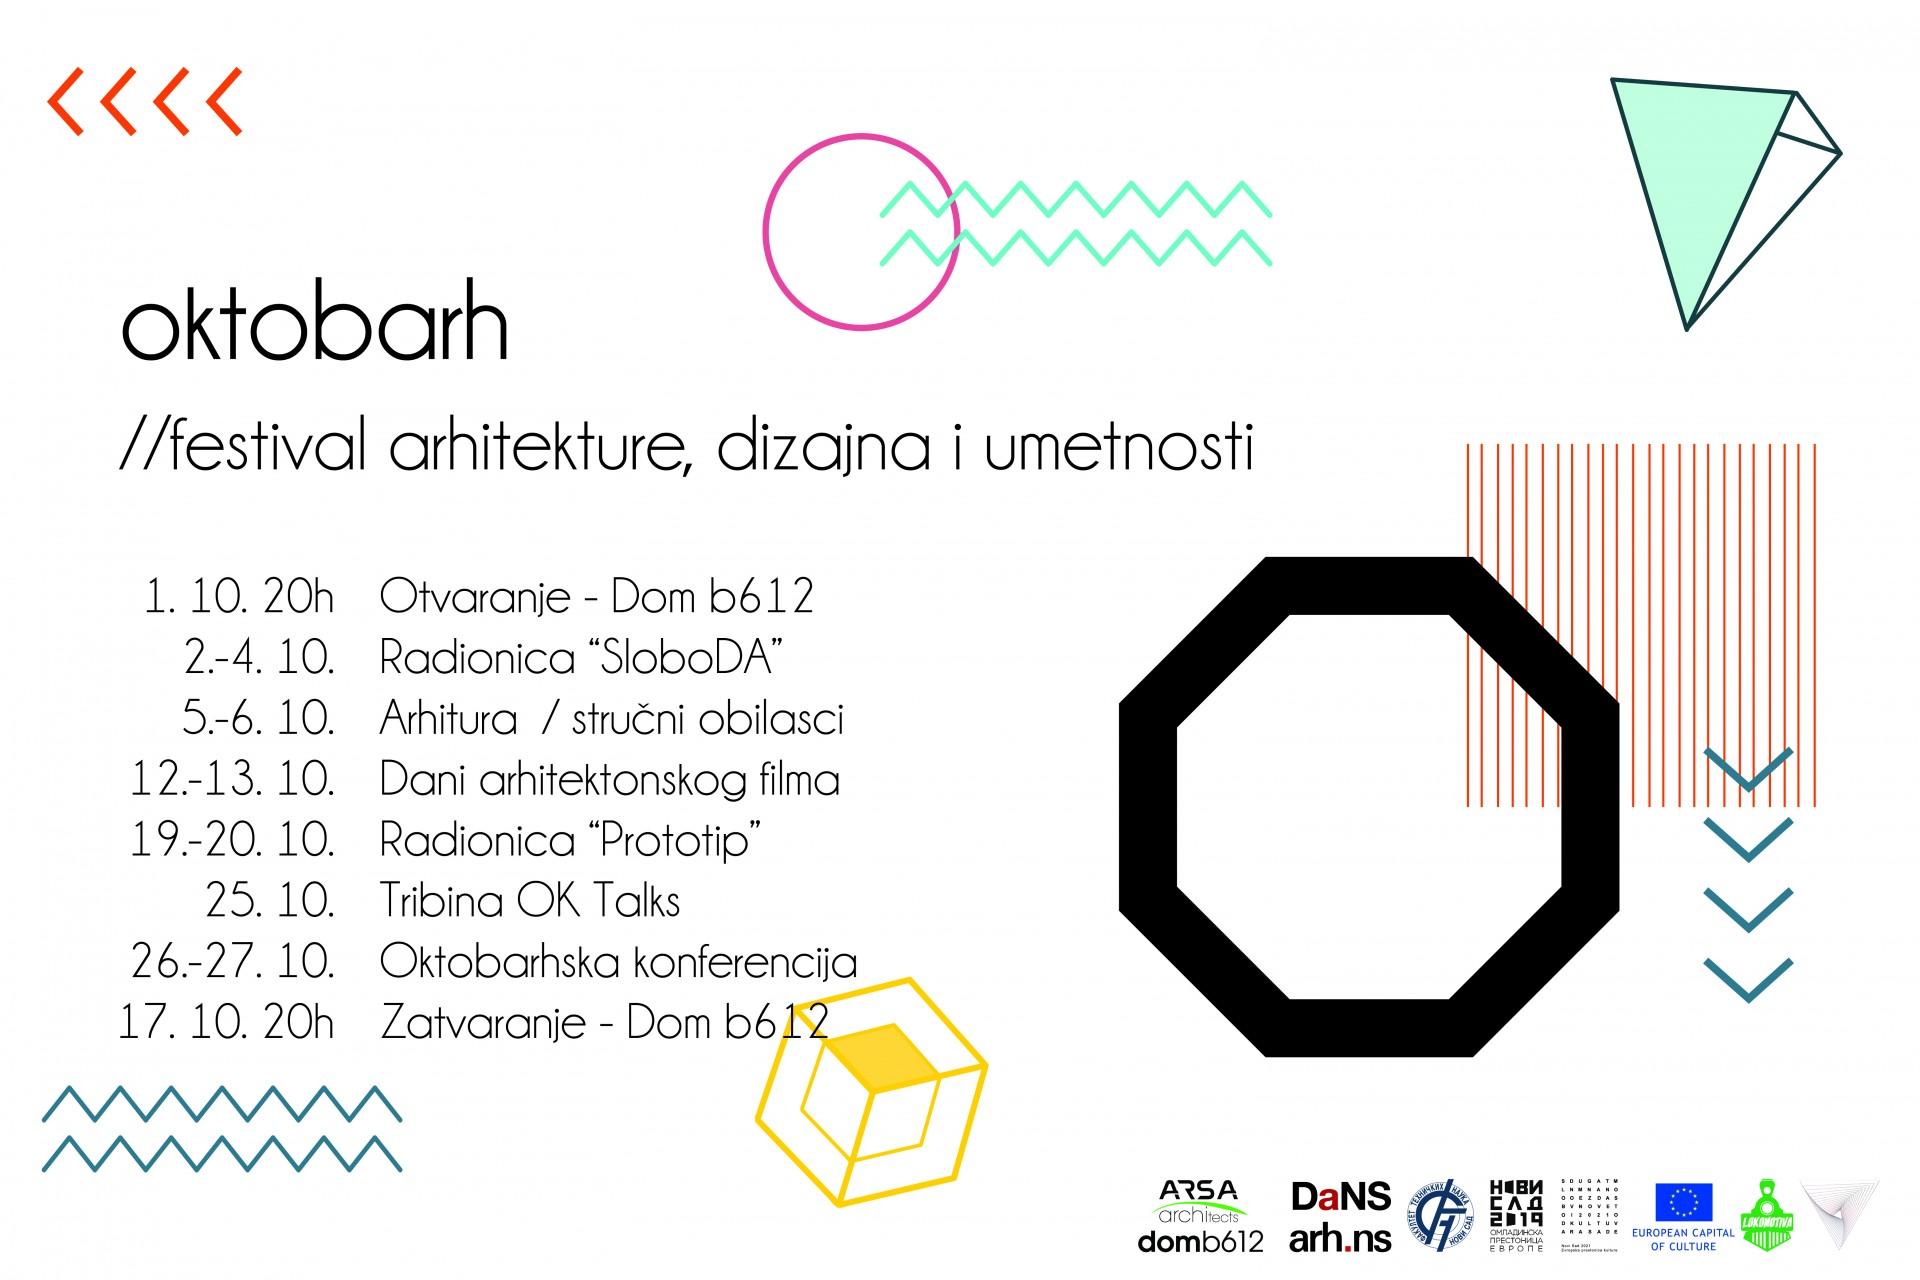 Serija događaja: Oktobarh – Novi Sad, oktobar 2019.